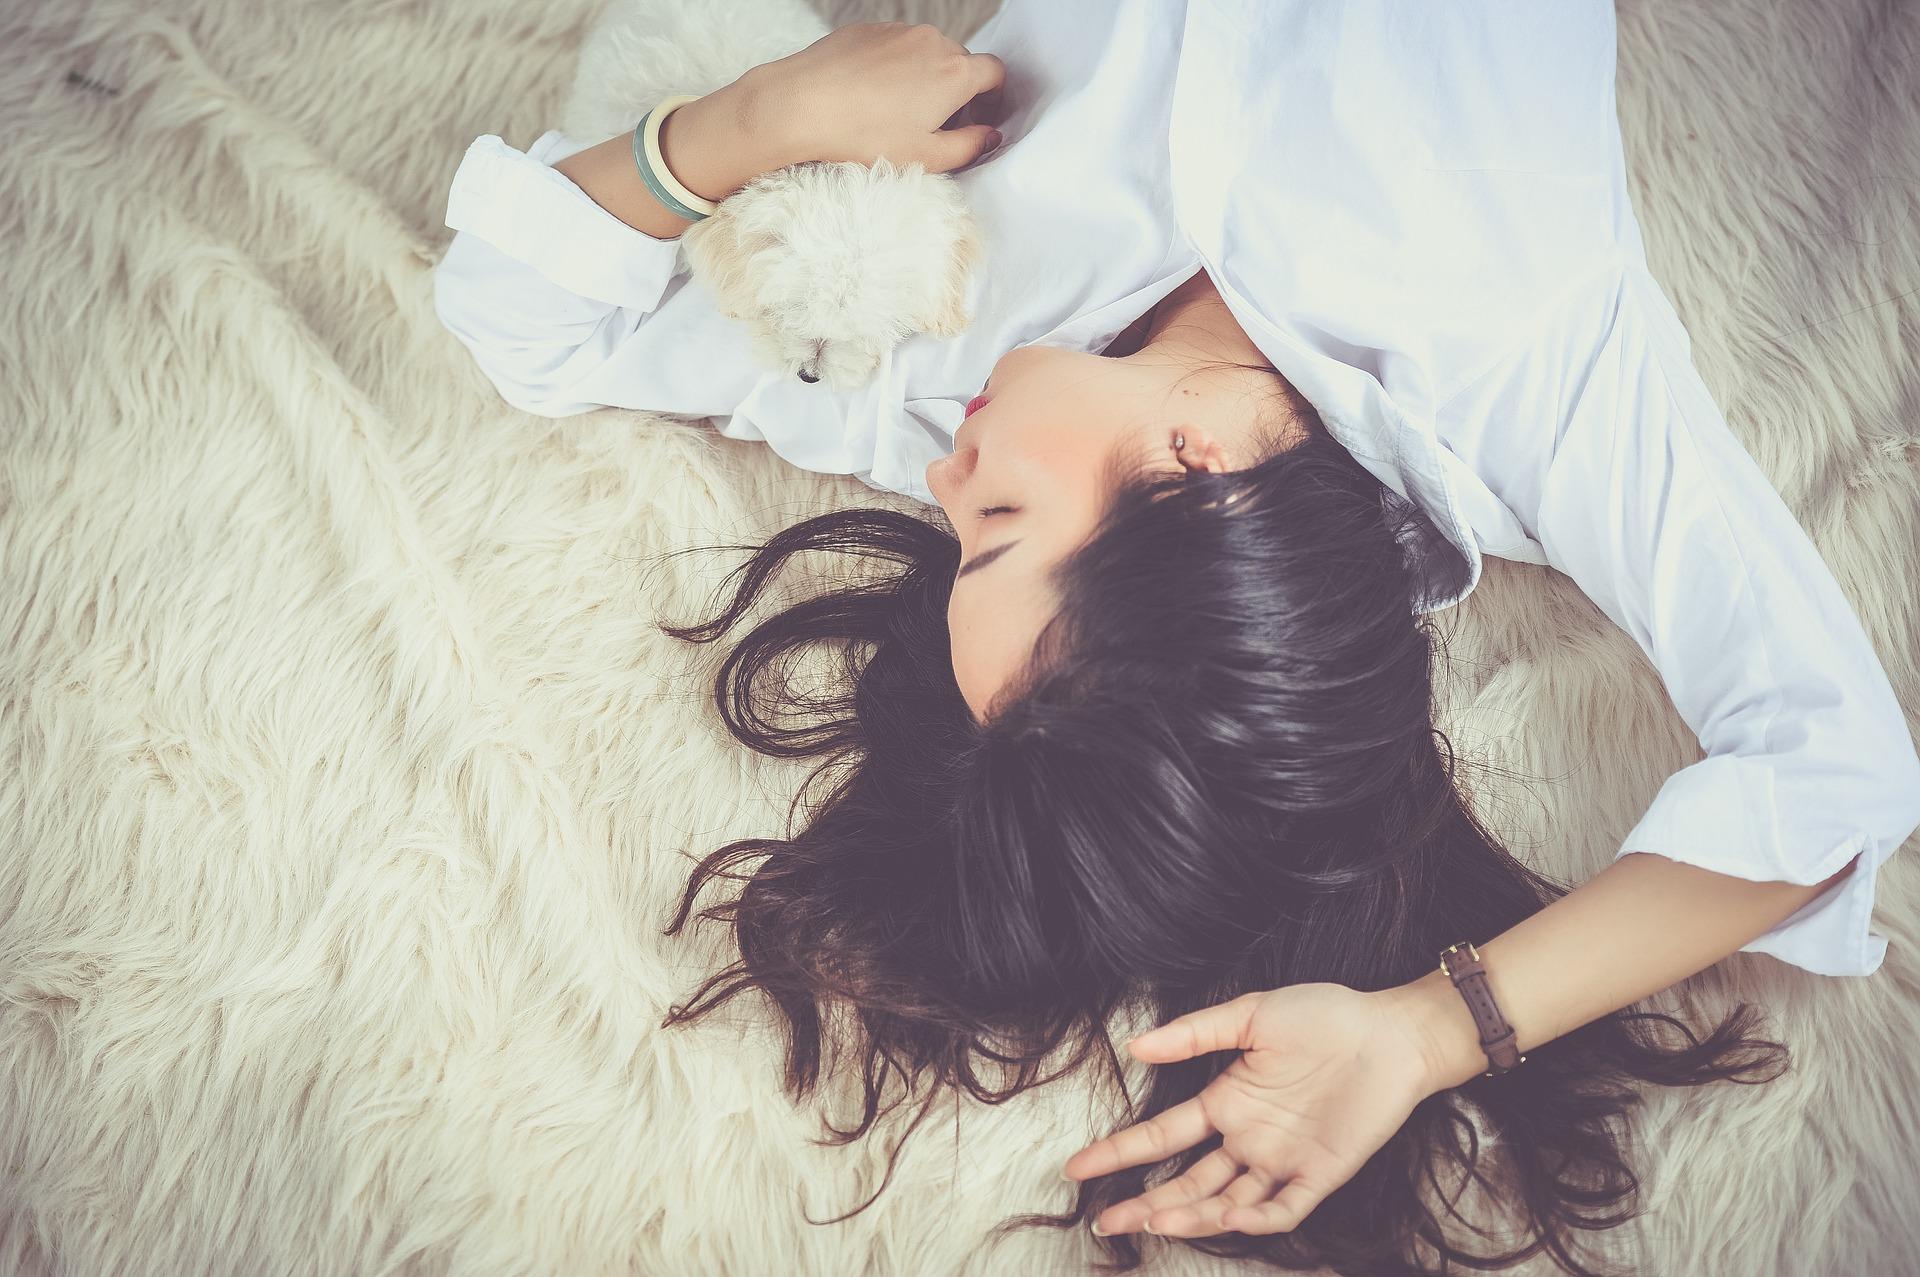 conseils pour avoir un meilleur sommeil